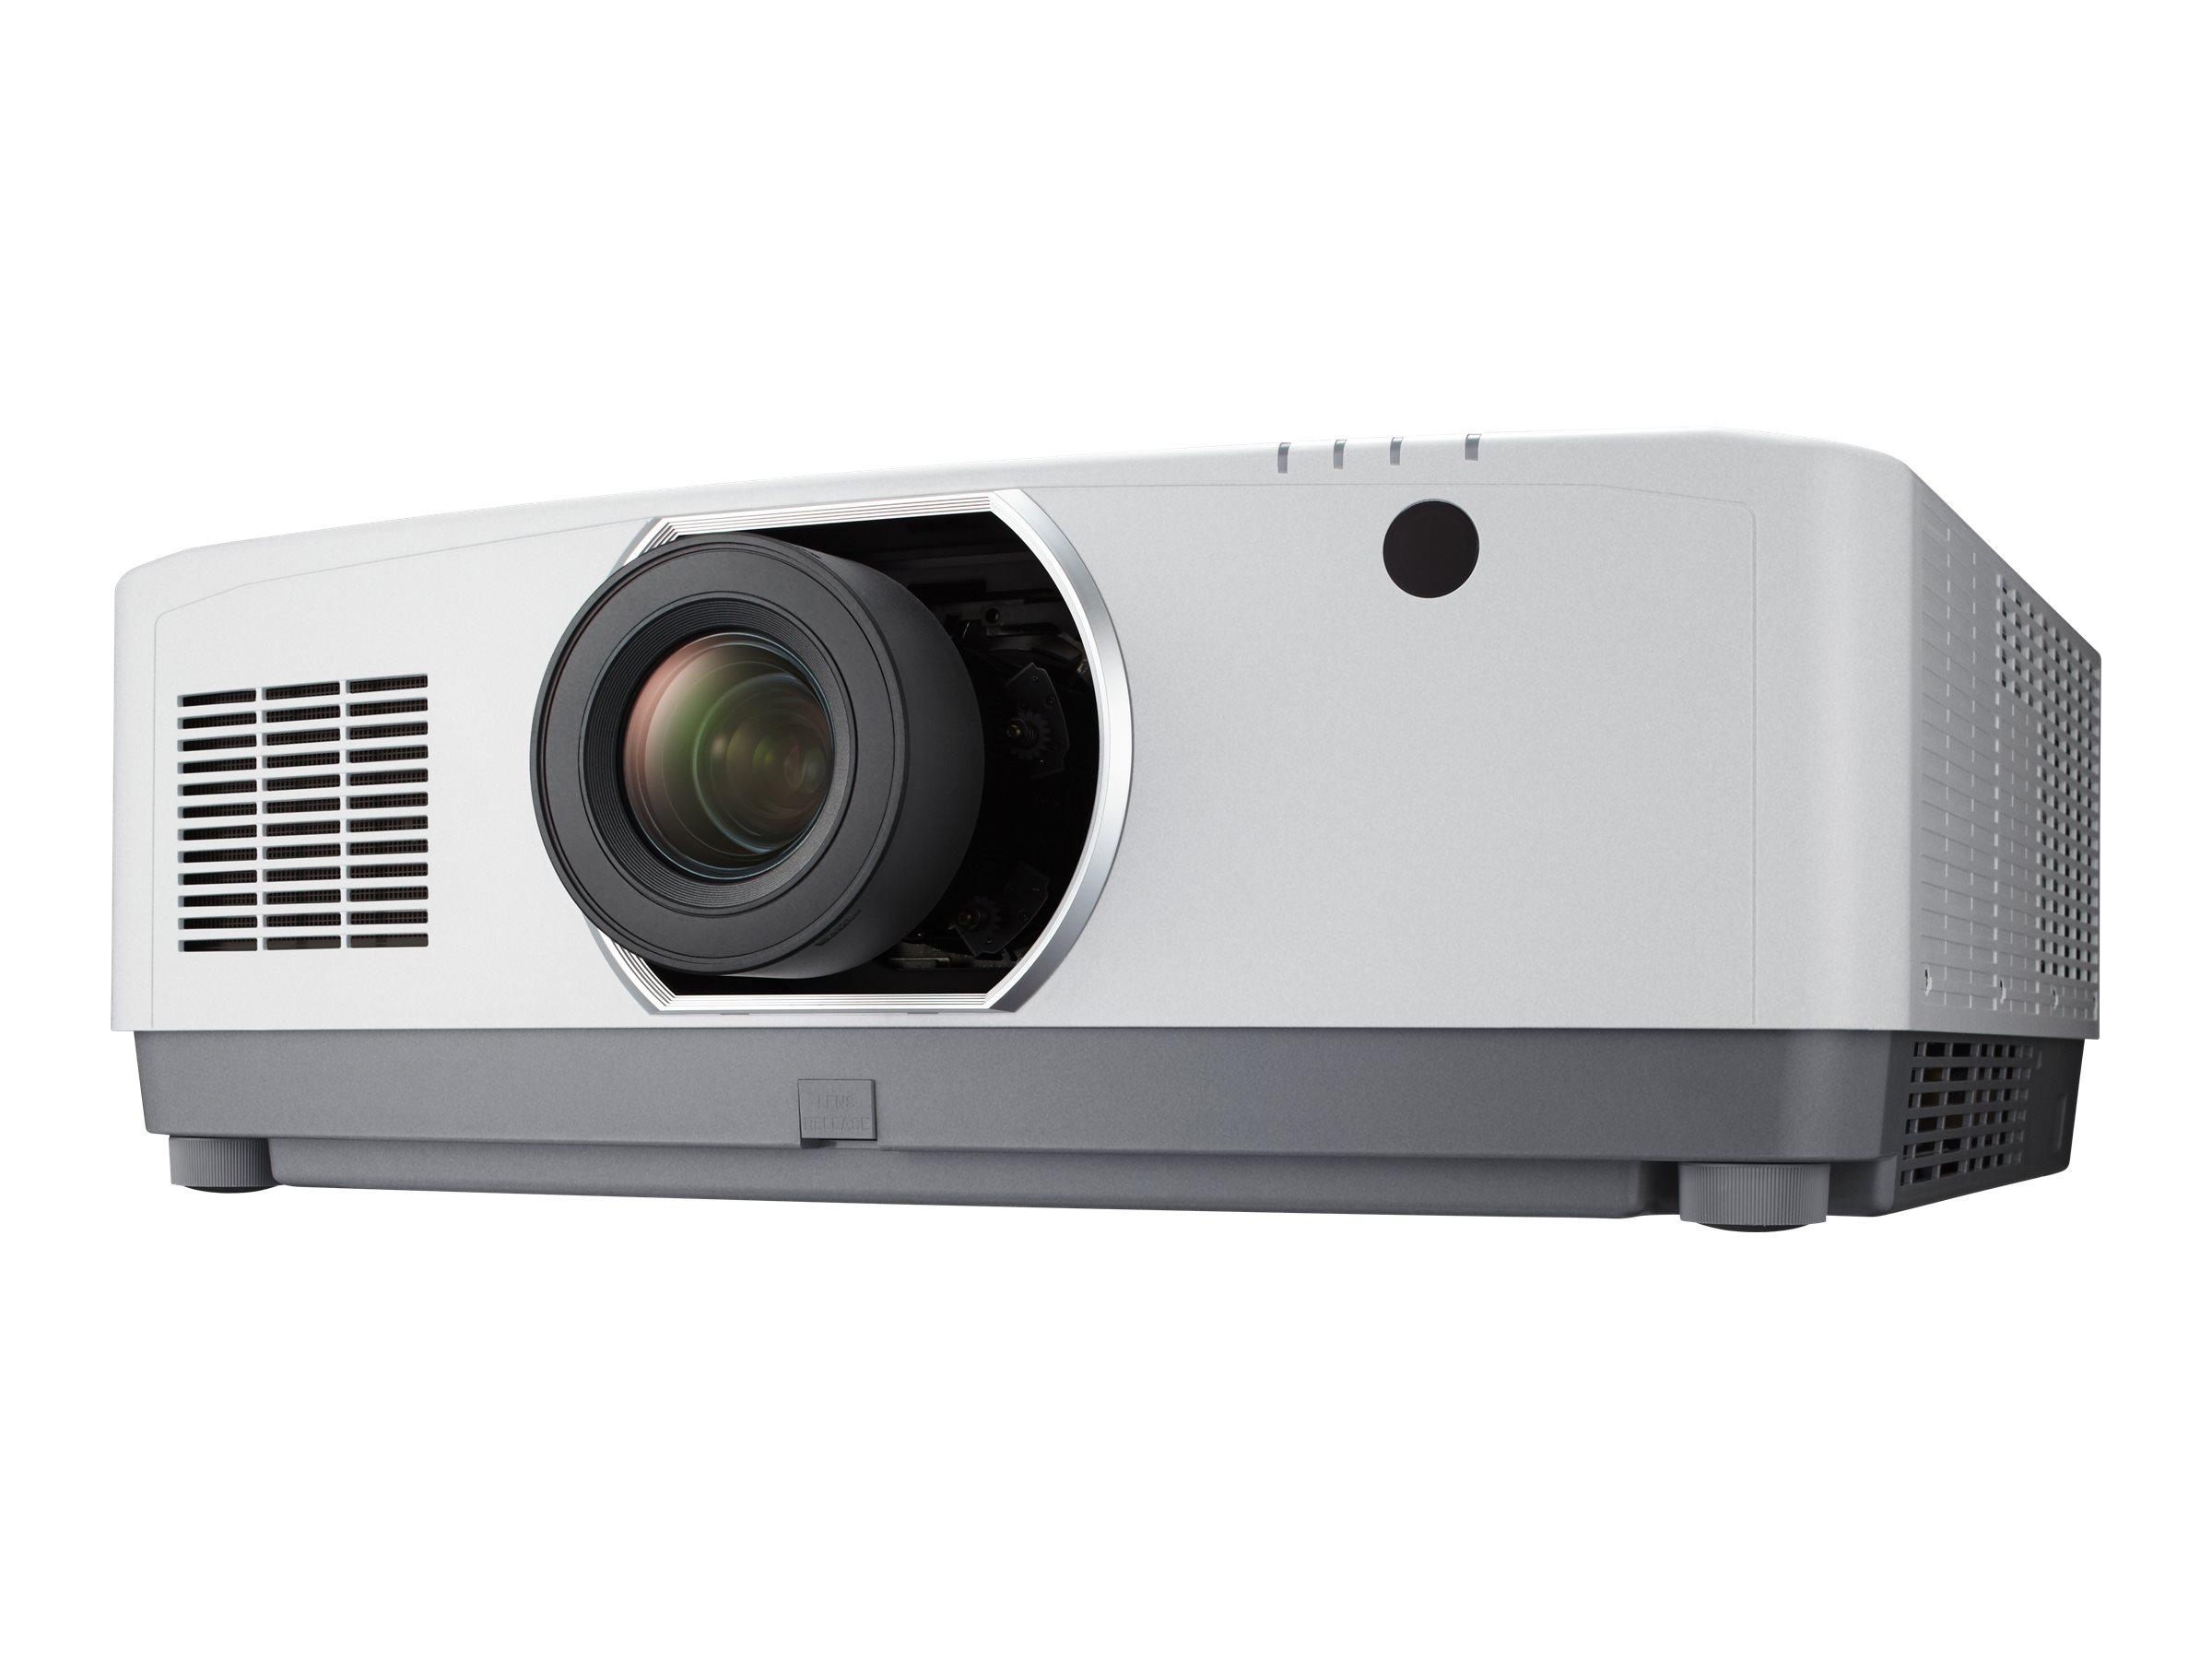 NEC PA803UL - 3-LCD-Projektor - 3D - 8000 ANSI-Lumen - WUXGA (1920 x 1200) - 16:10